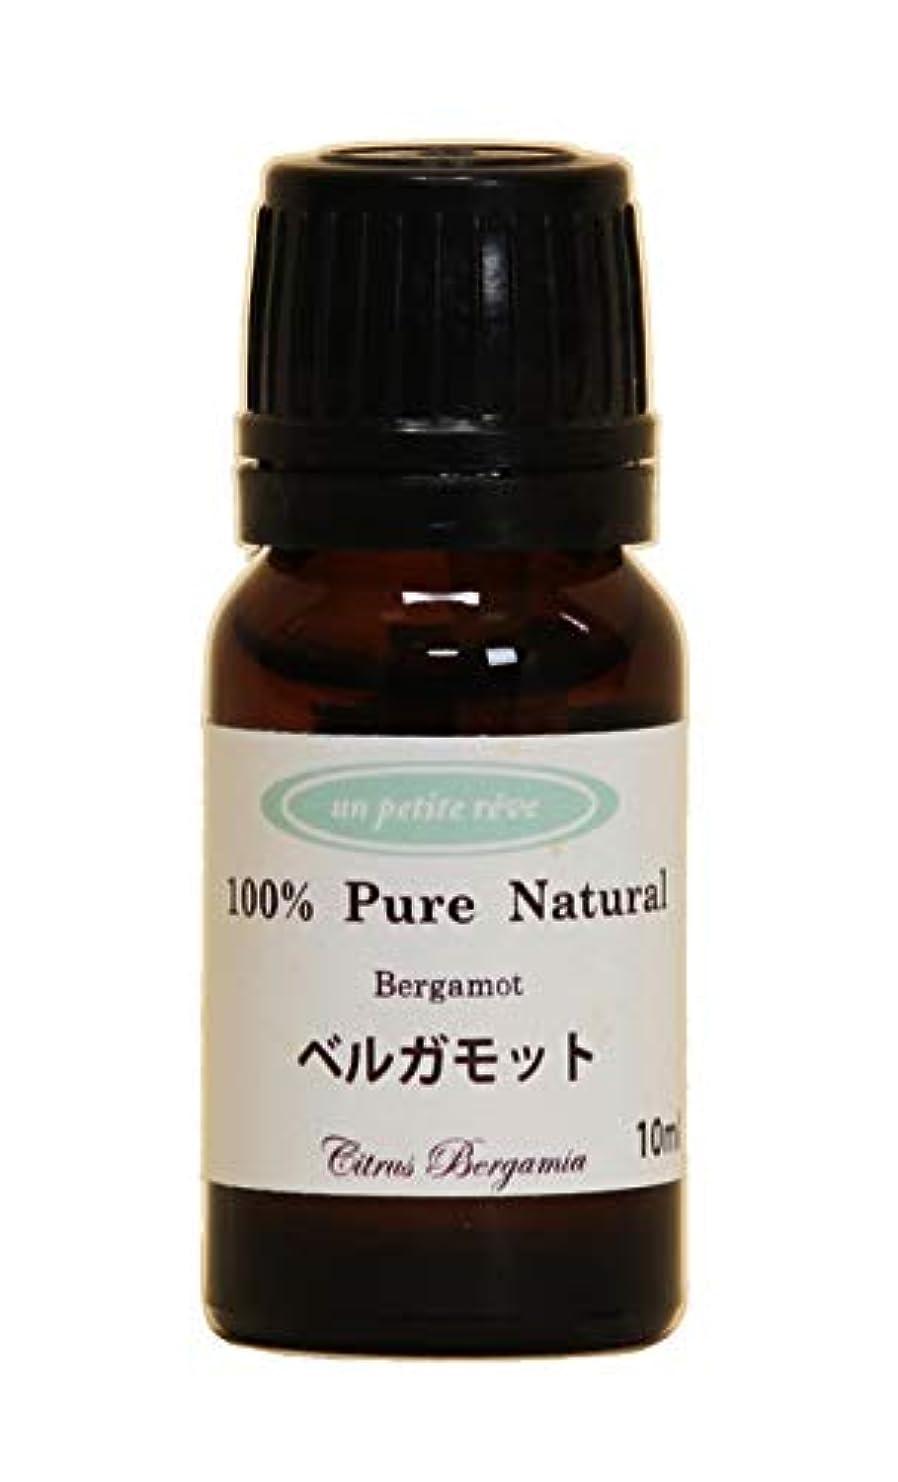 純粋な空白髄ベルガモット 10ml 100%天然アロマエッセンシャルオイル(精油)